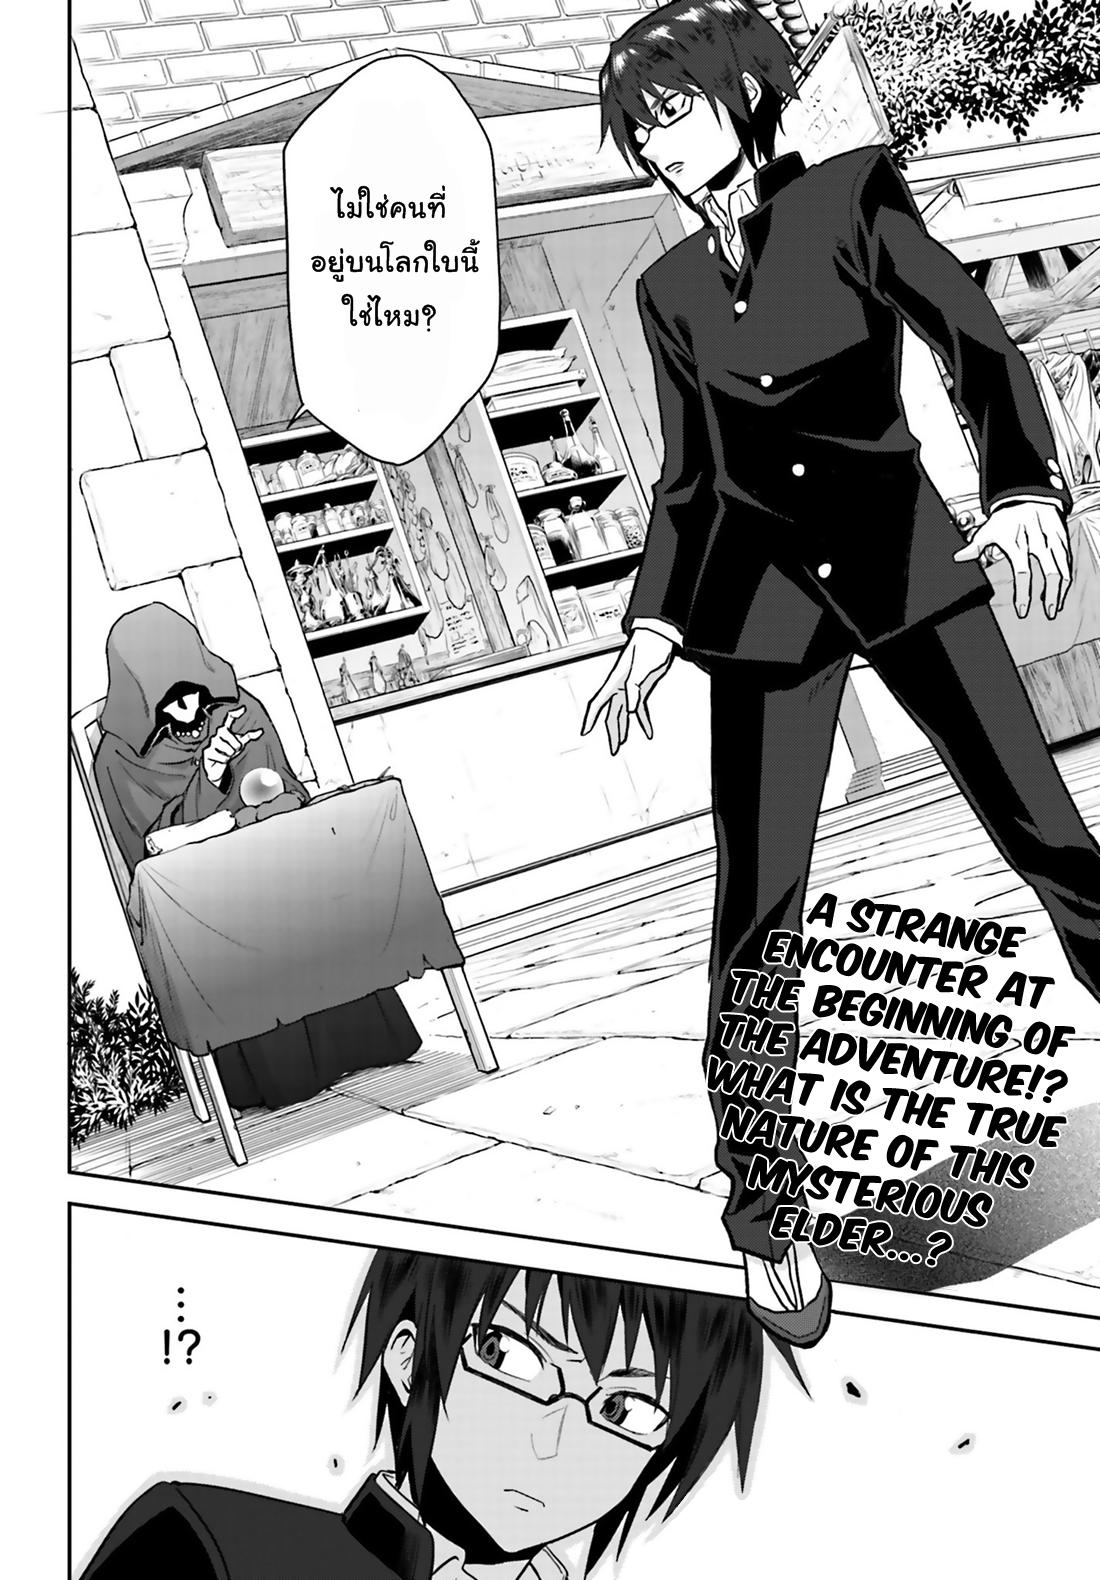 อ่านการ์ตูน Konjiki no Word Master 1 ภาพที่ 34